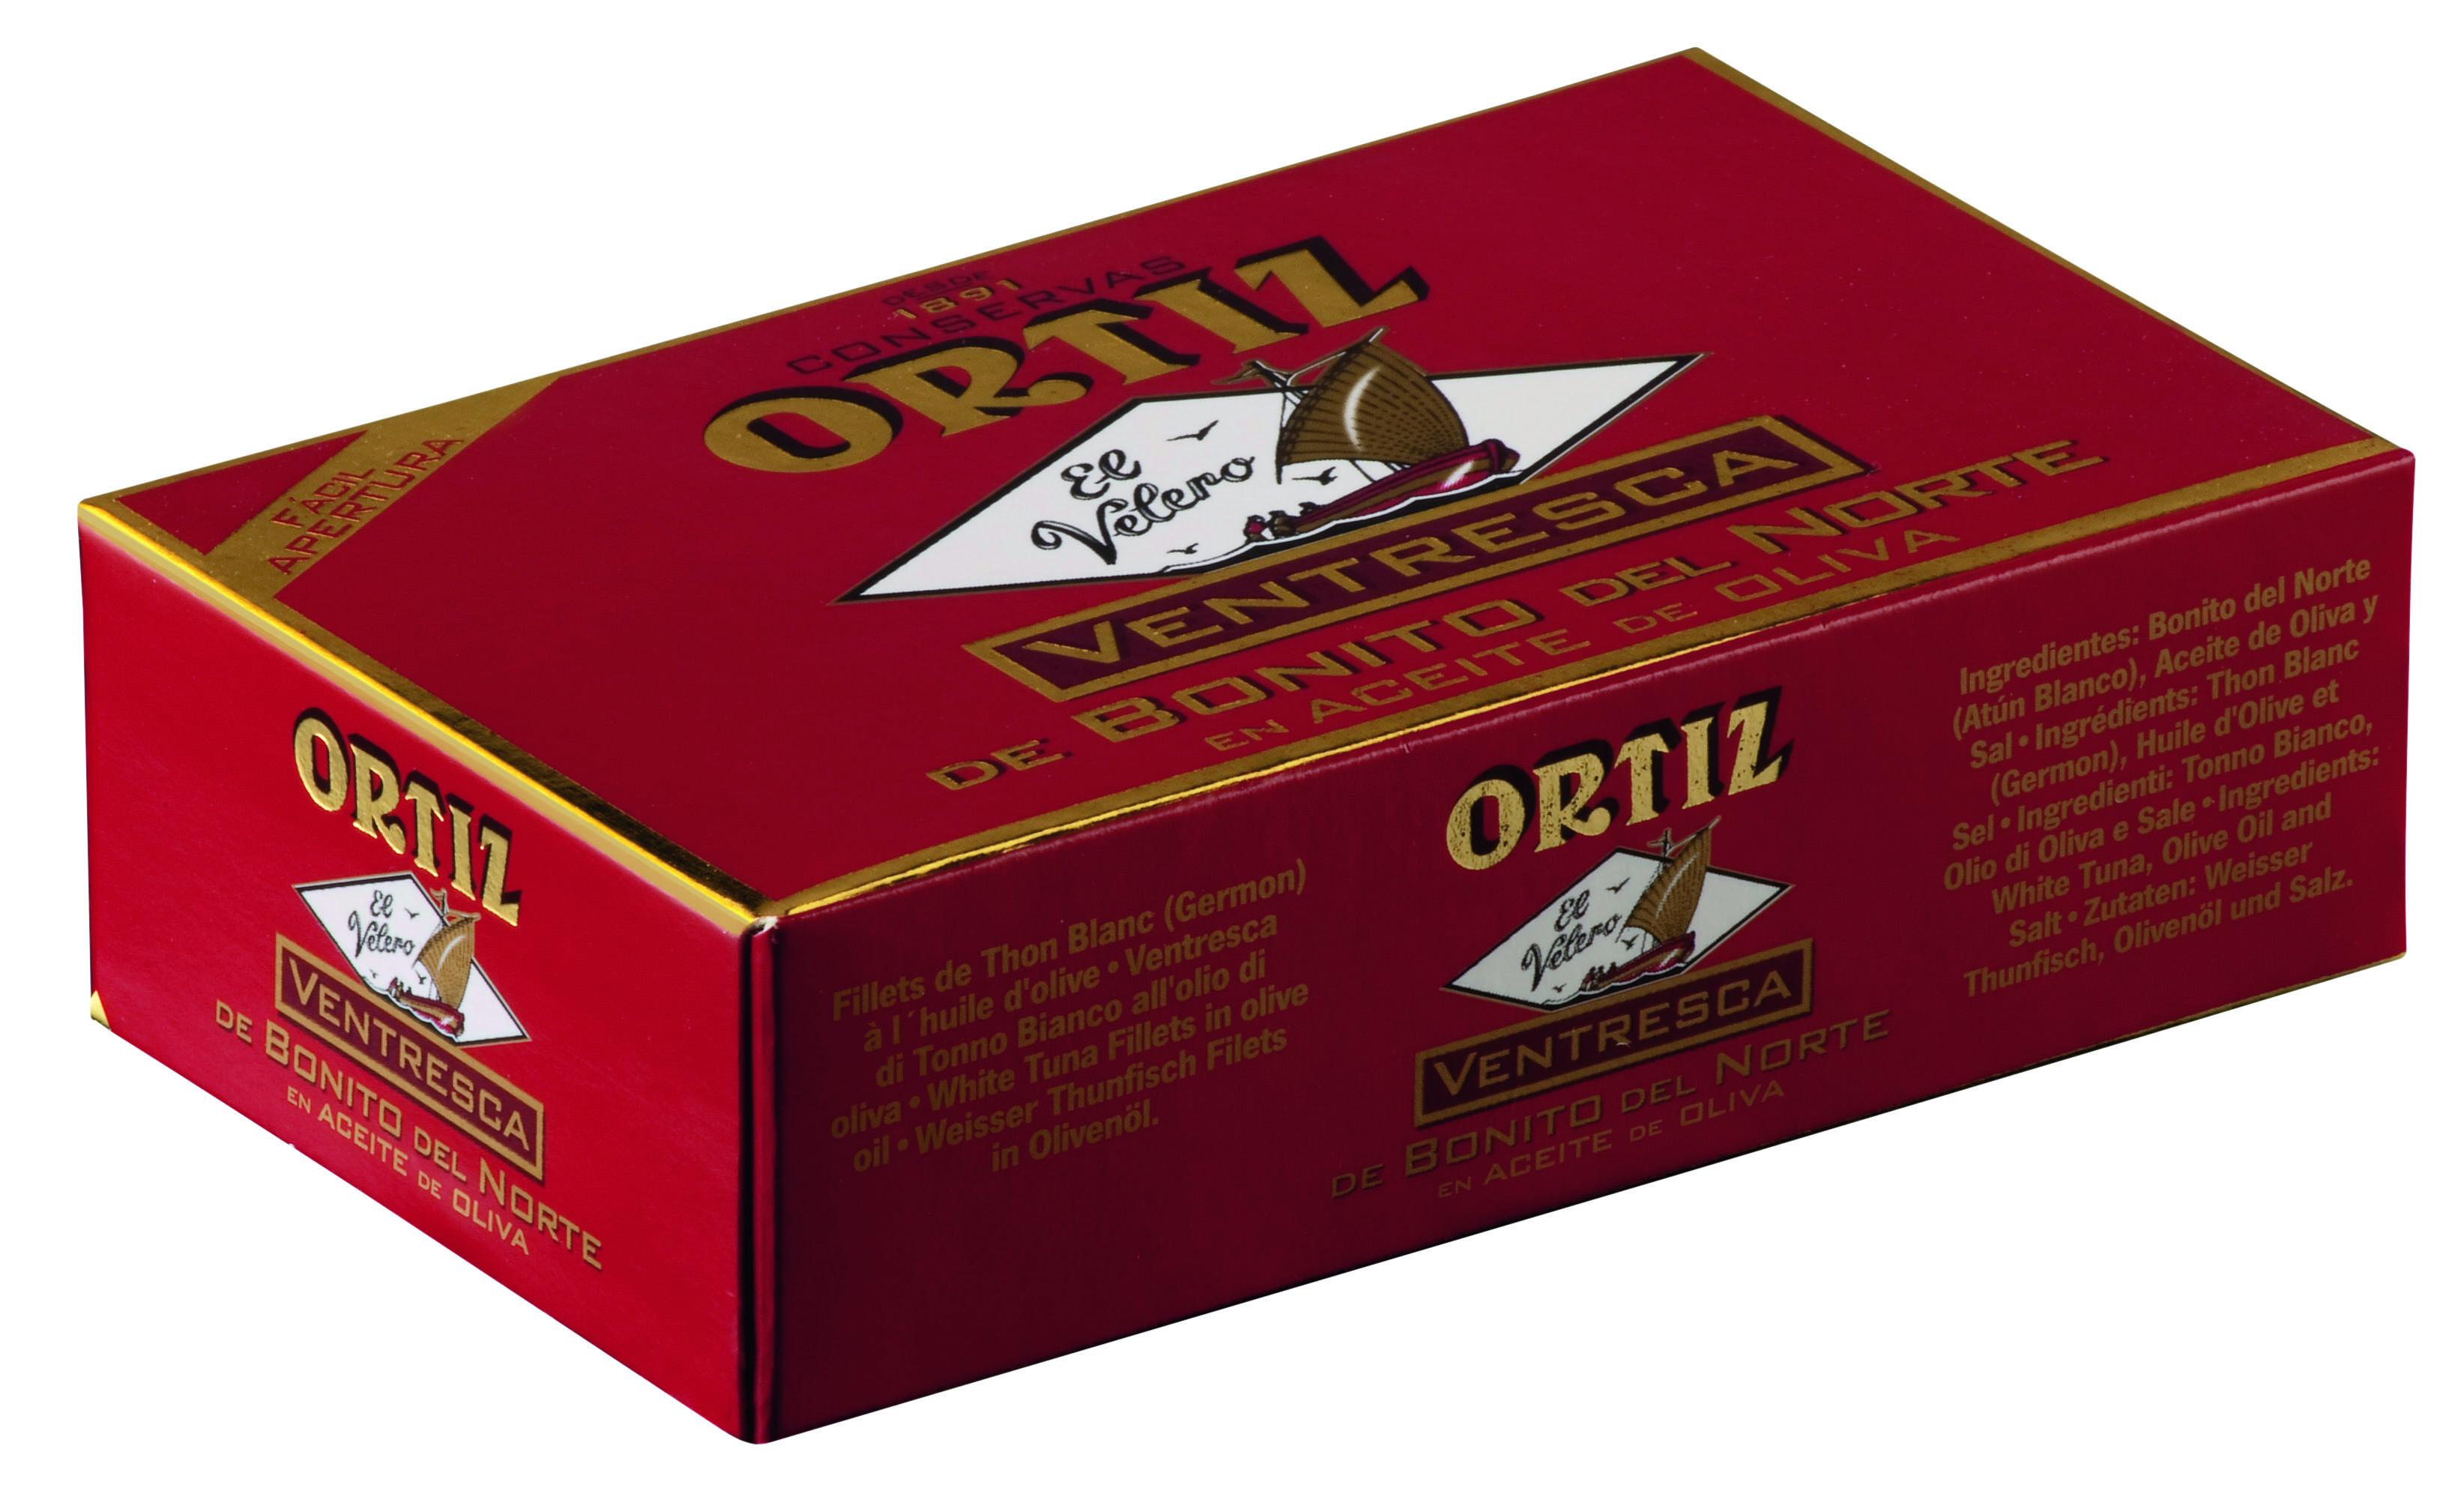 Ventresca di tonno bianco all olio d'oliva 110 g Dose Ortiz